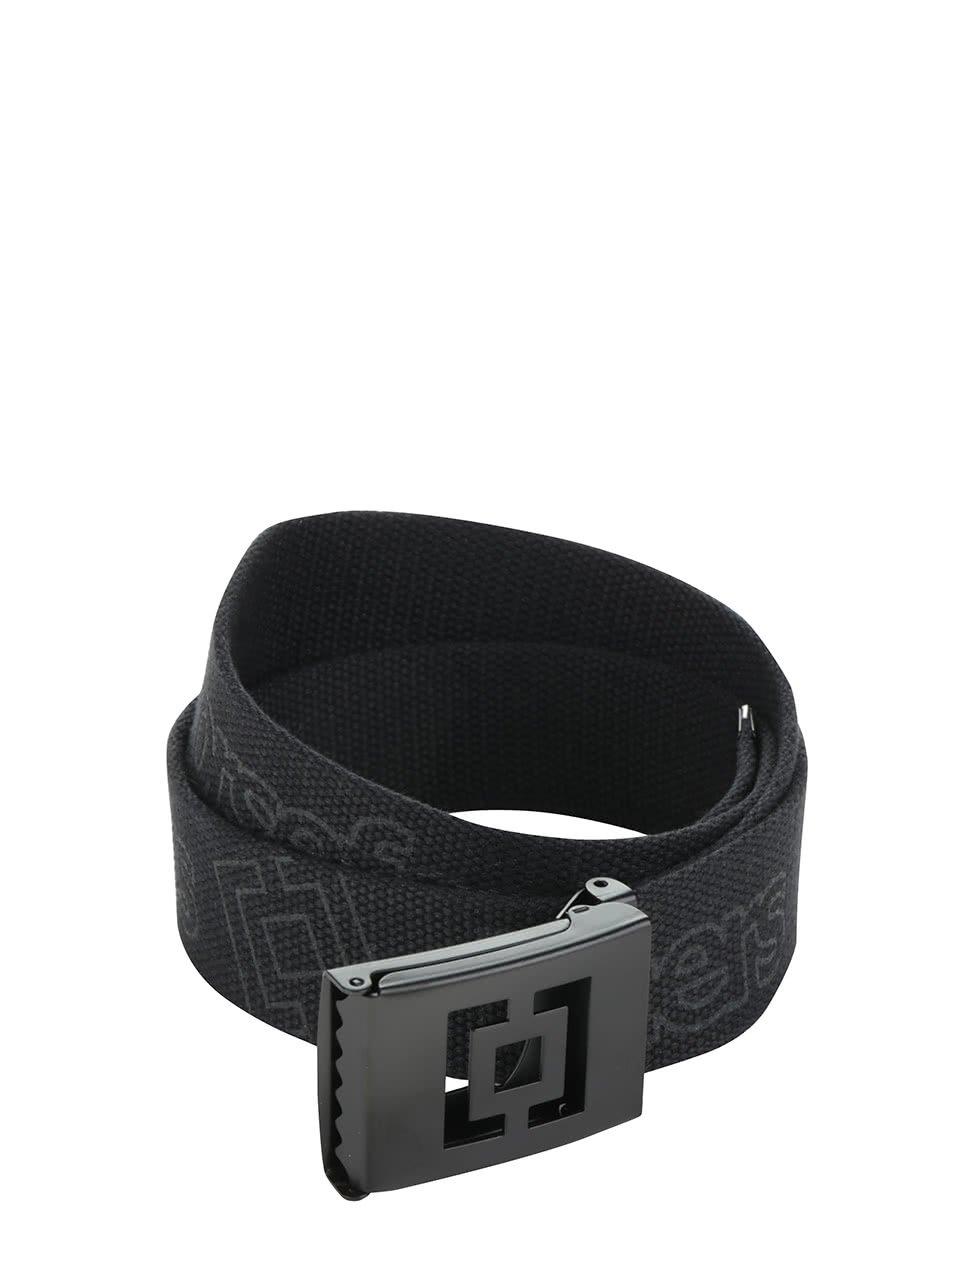 Černý pánský pásek s potiskem Horsefeathers Idol